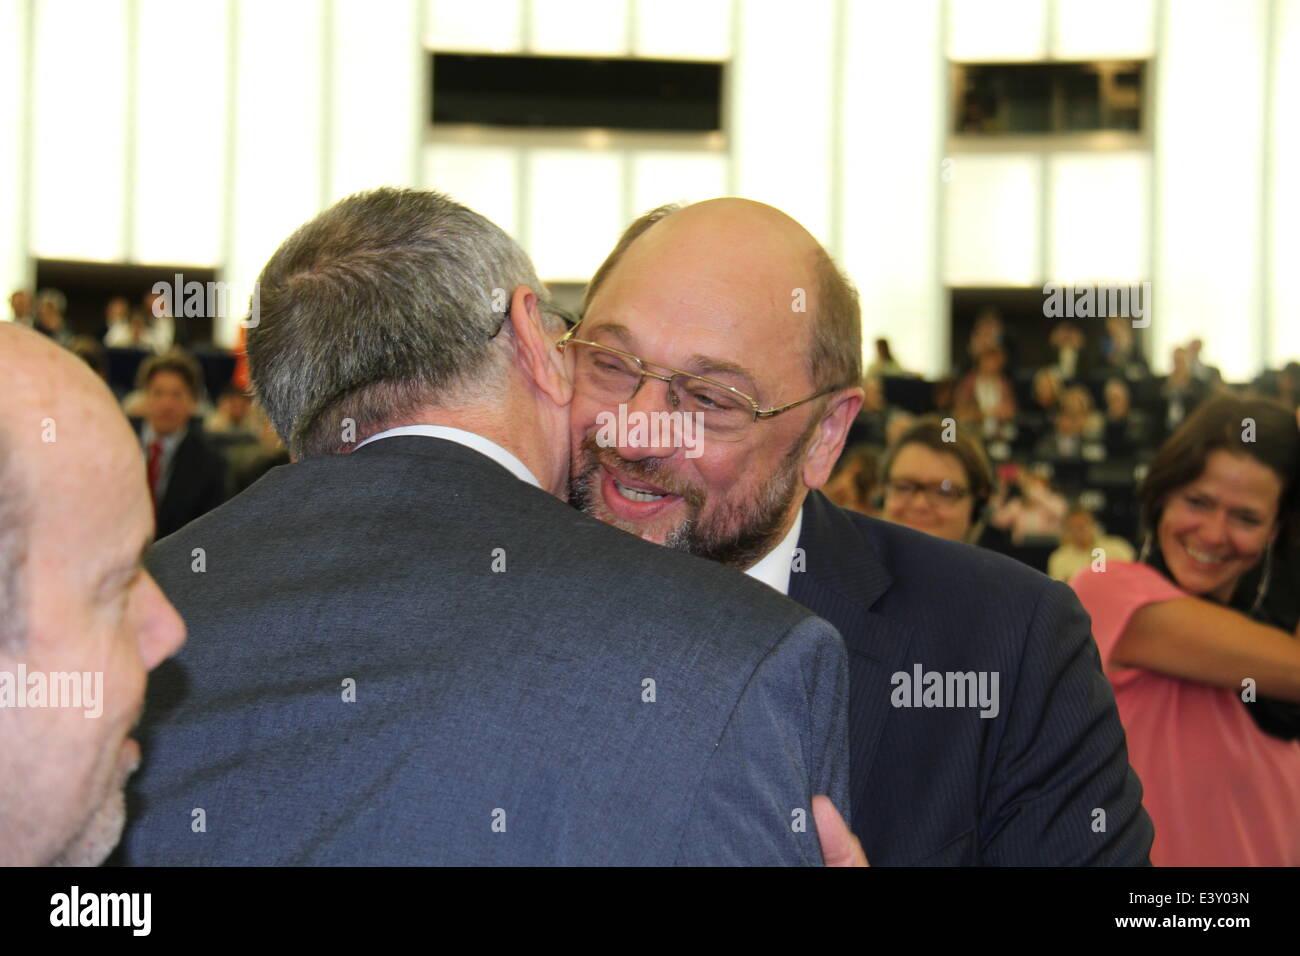 Strasbourg, France. 1er juillet 2014. Martin Schulz est félicité après avoir remporté l'élection Photo Stock